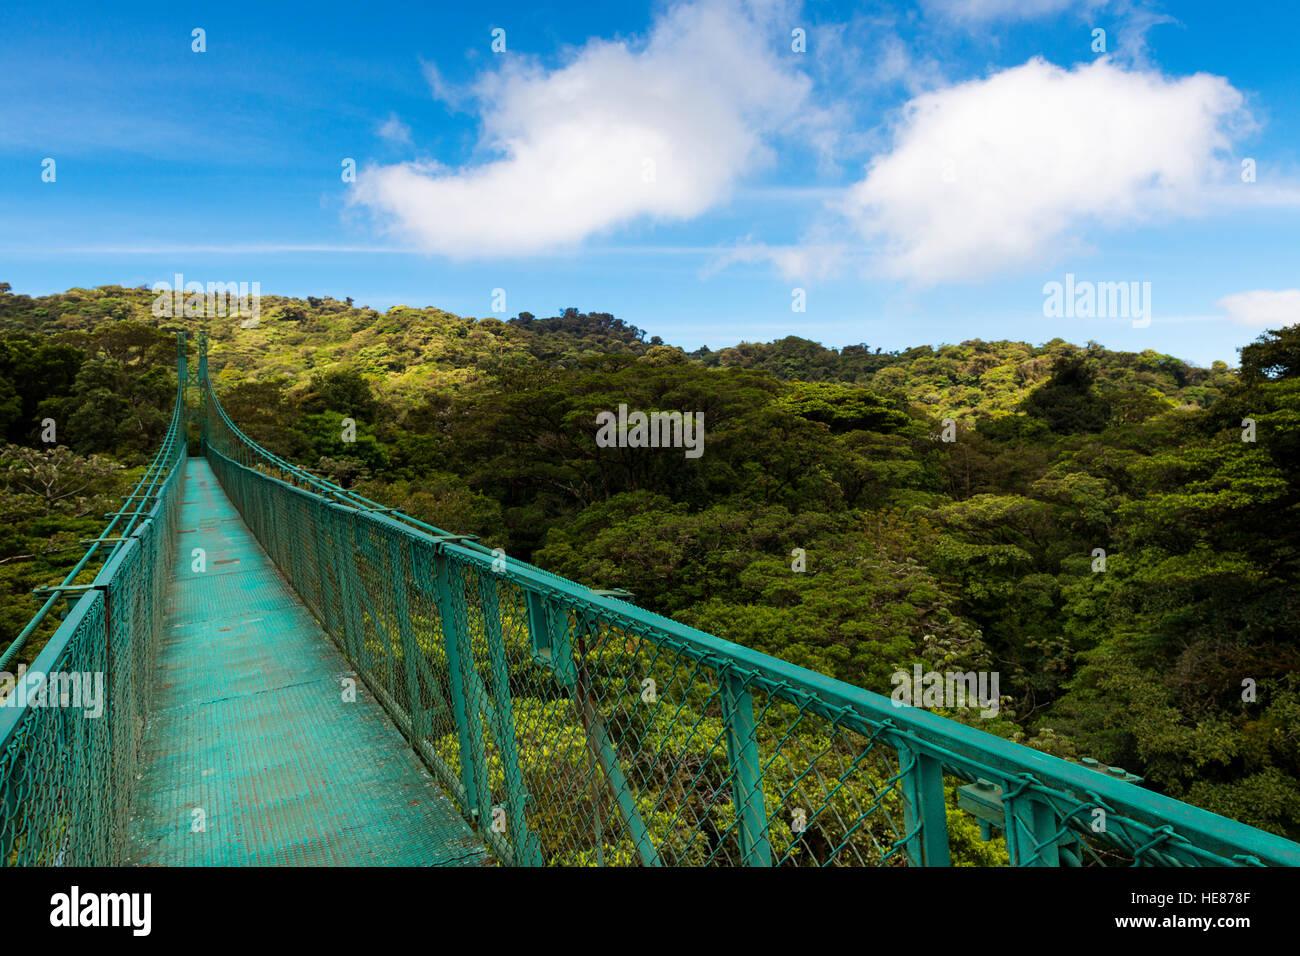 Puente colgante sobre el dosel de los árboles en la zona de Monteverde, Costa Rica, Centroamérica Imagen De Stock